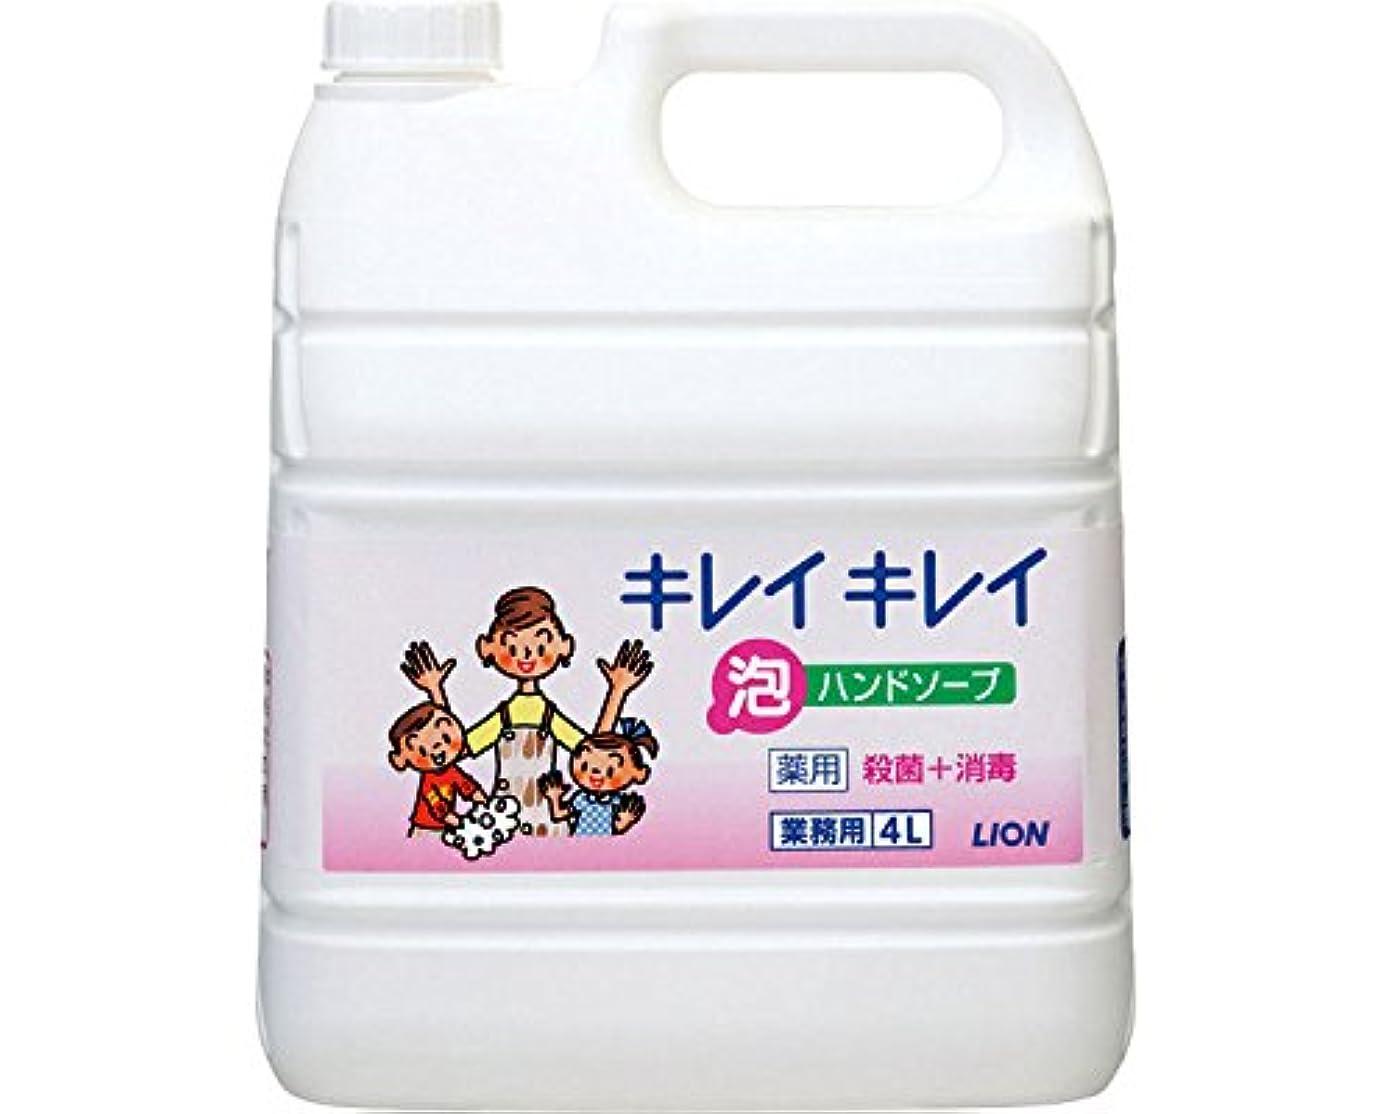 広大な喜ぶキリンキレイキレイ薬用泡ハンドソープ 4L詰替 (ライオンハイジーン) (手指洗浄)